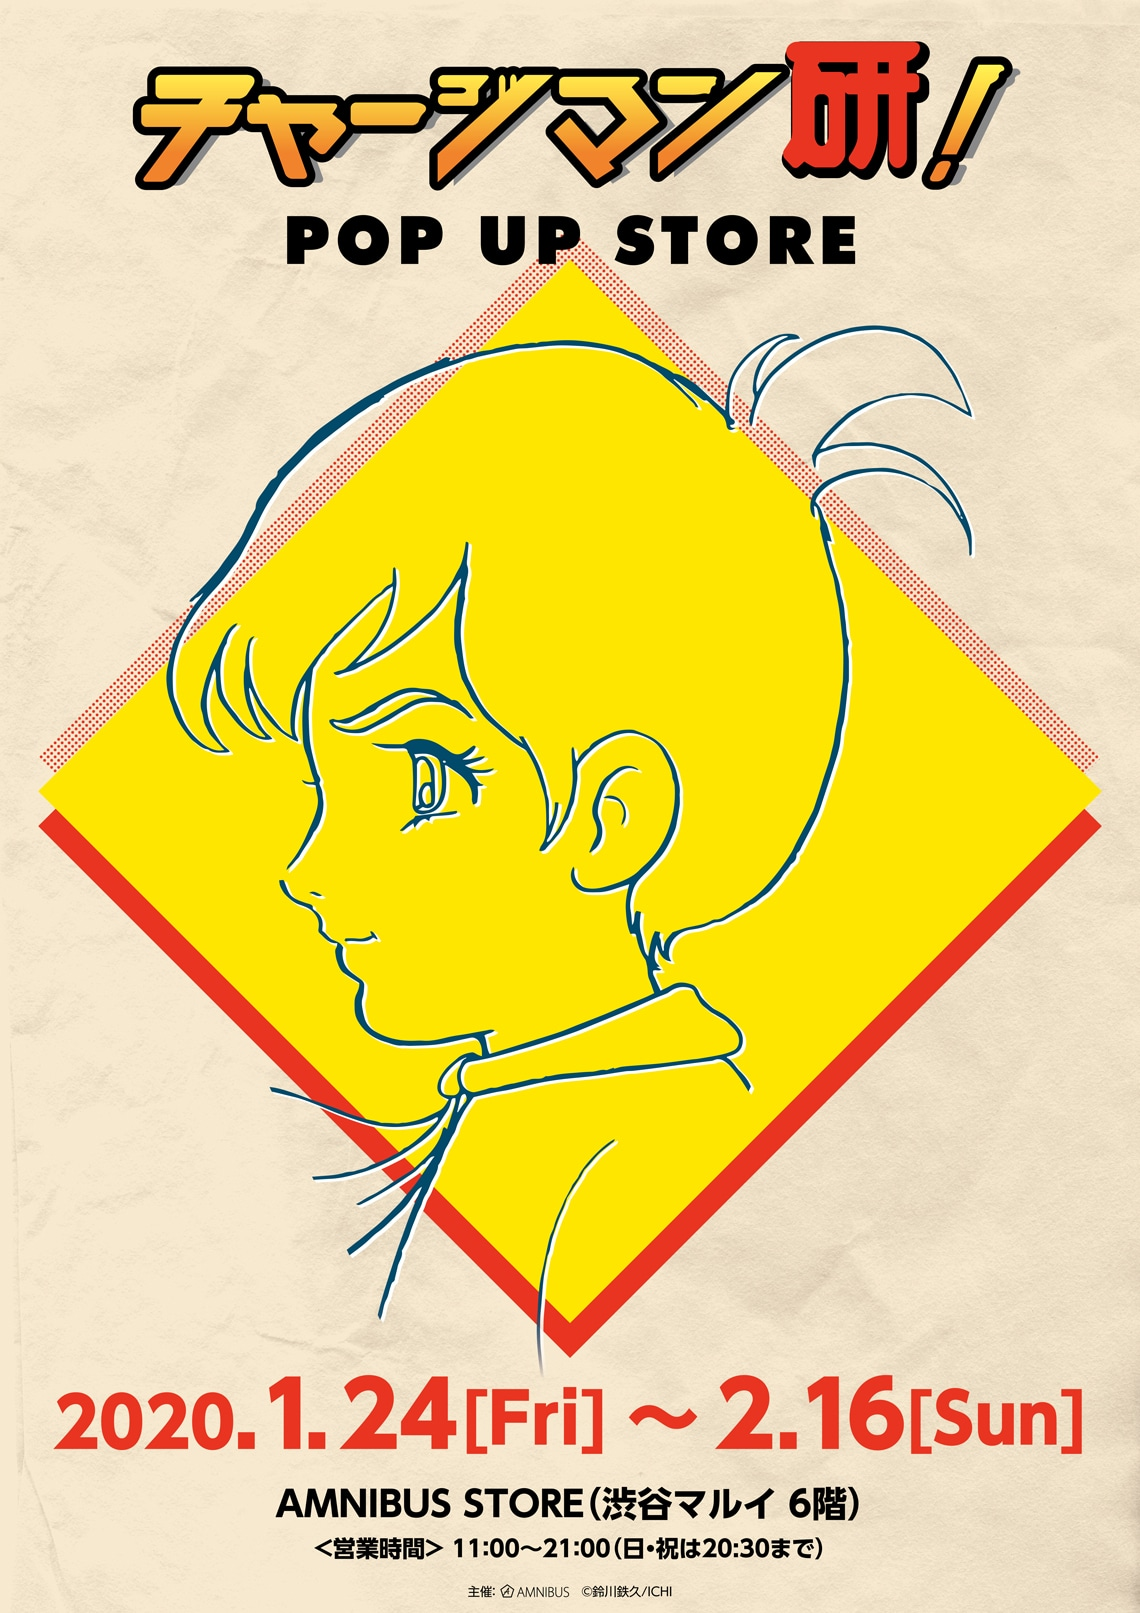 【チャージマン研!】期間限定ショップが渋谷で、Tシャツ・パーカーなど先行販売